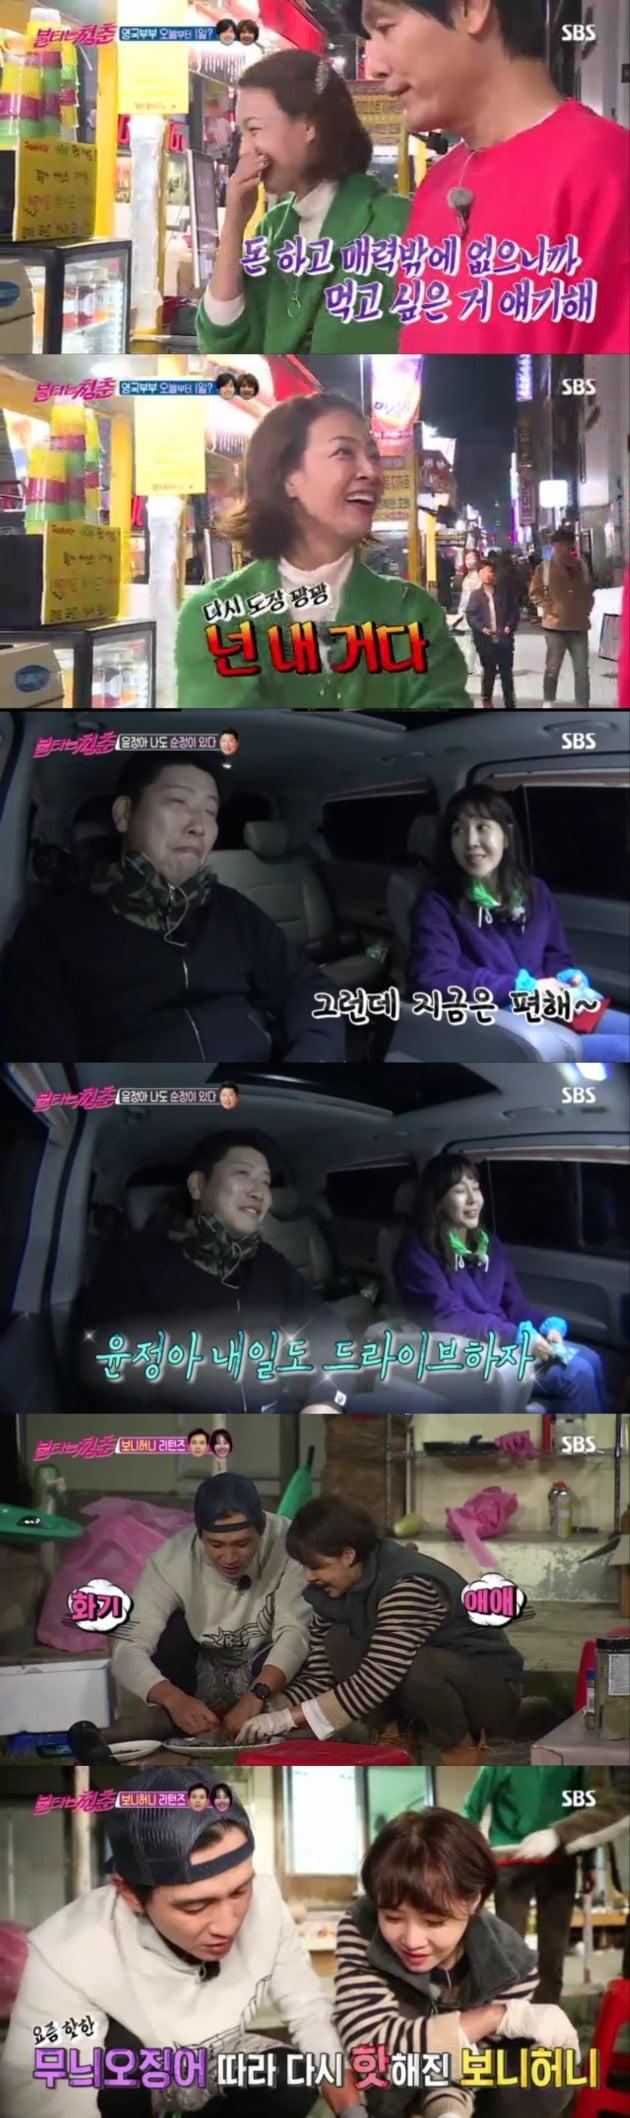 사진=SBS '불타는 청춘' 방송 화면.